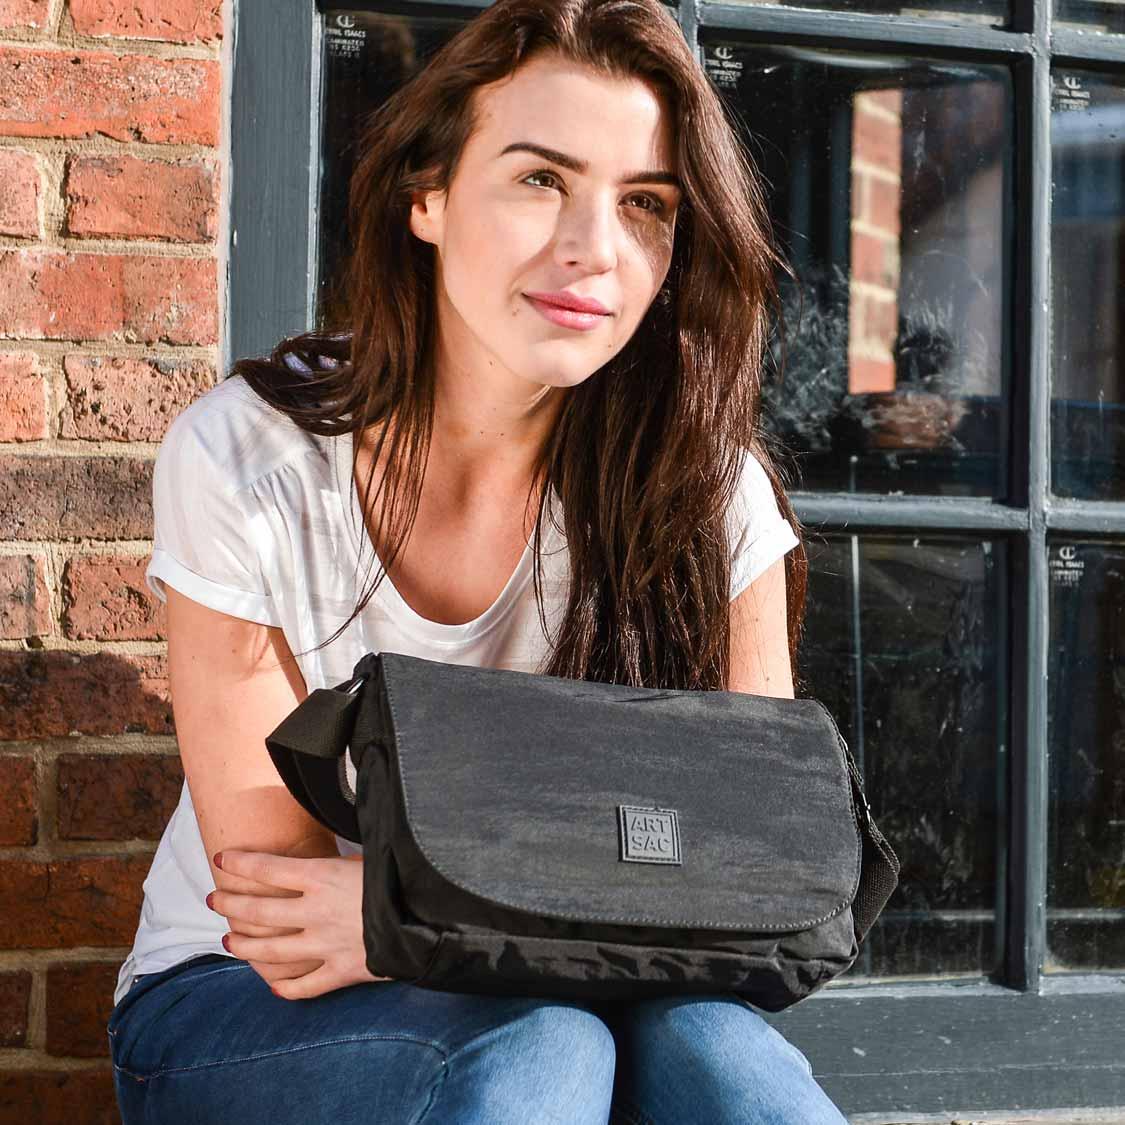 Artsac - Crossbody Bags